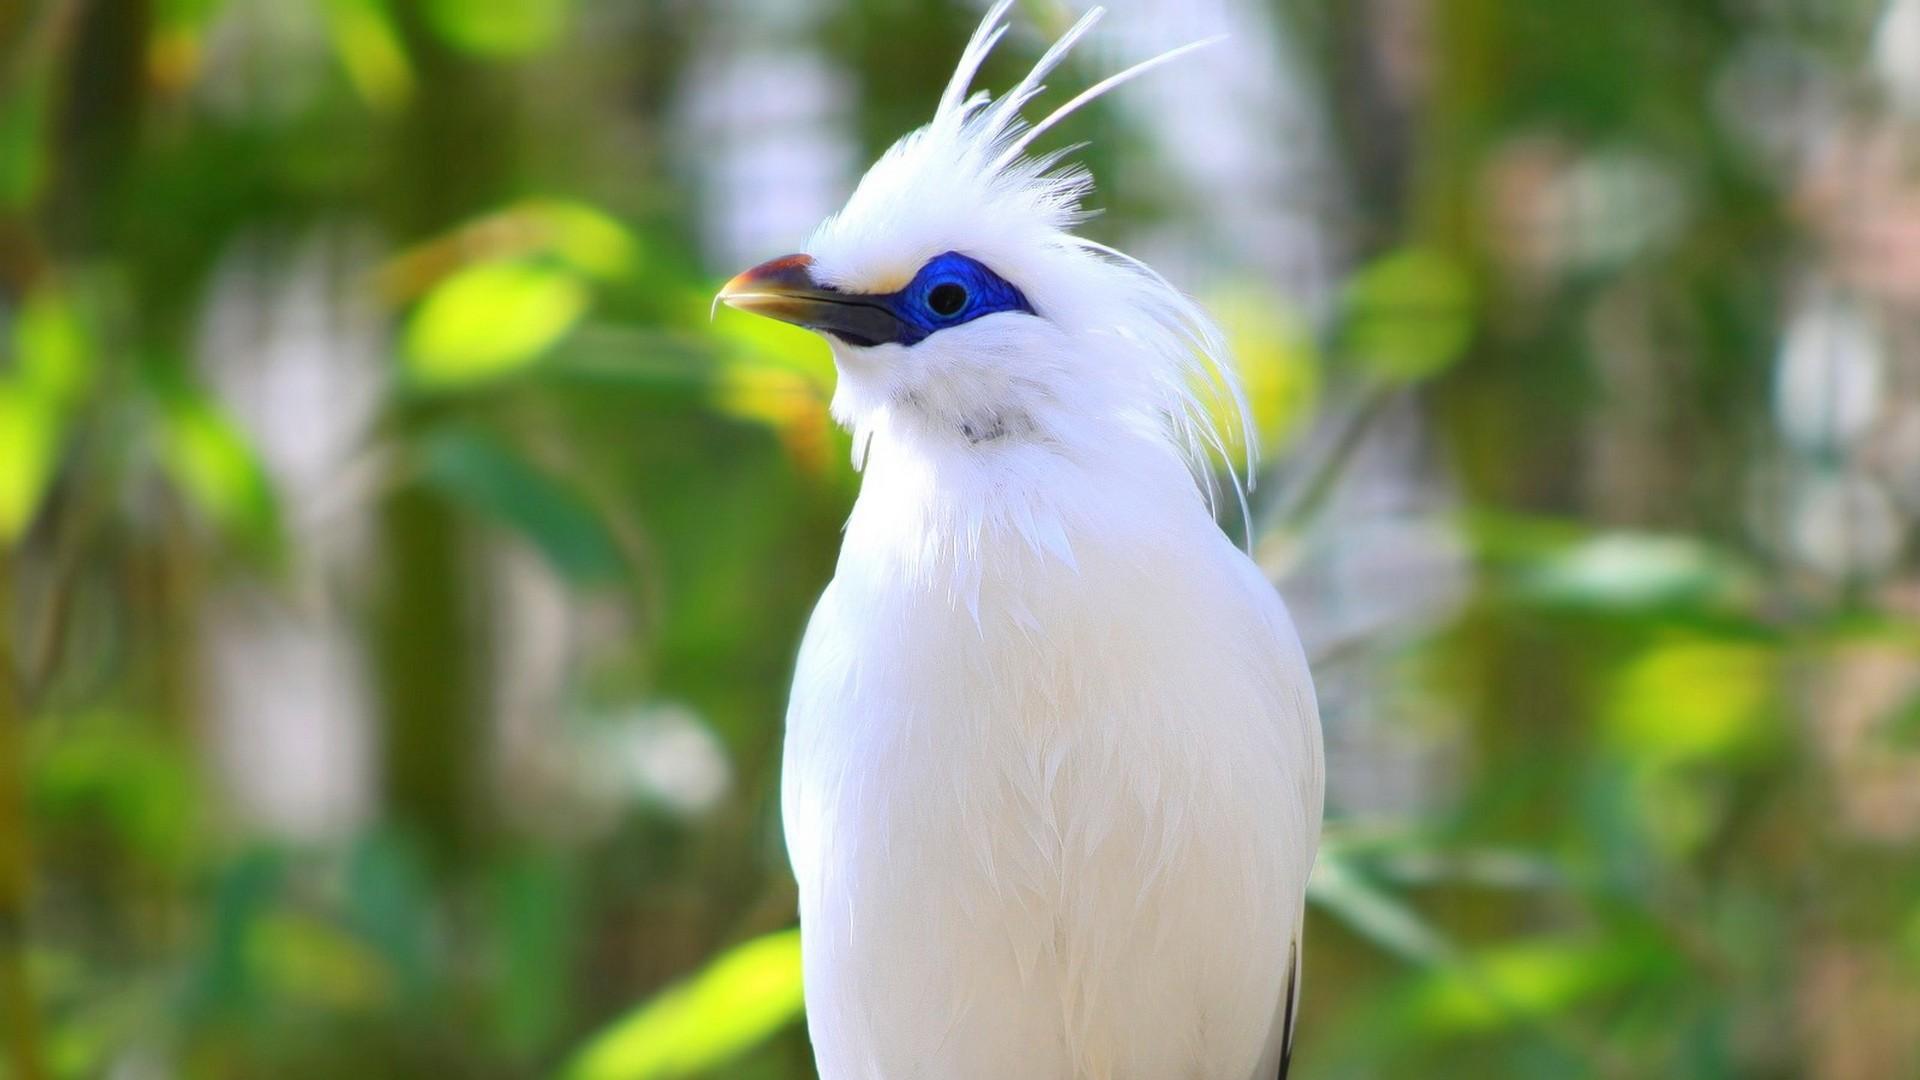 Birds Backgrounds Free Download Pixelstalk Net